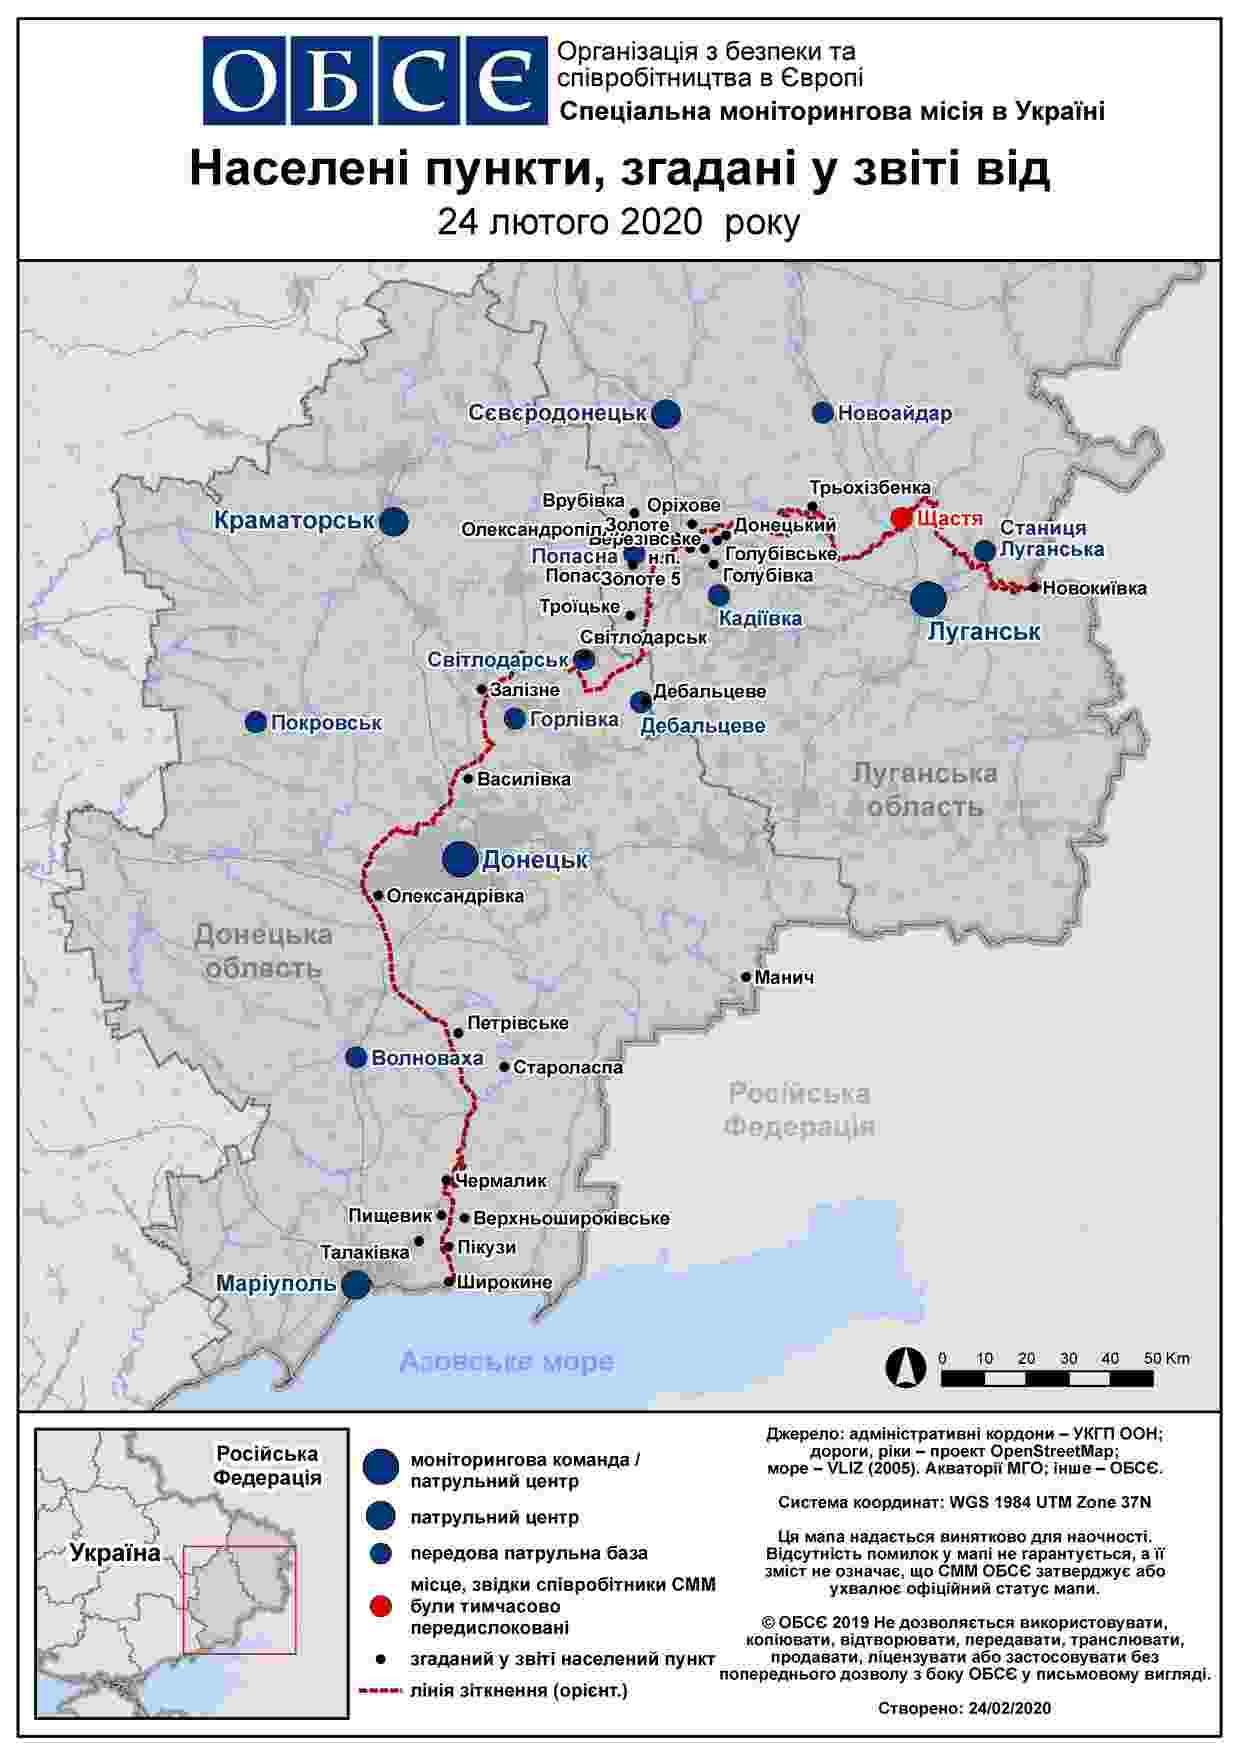 Вечірній брифінг пресцентру Об'єднаних сил 25.02.2020 (звіт ОБСЄ, мапа)